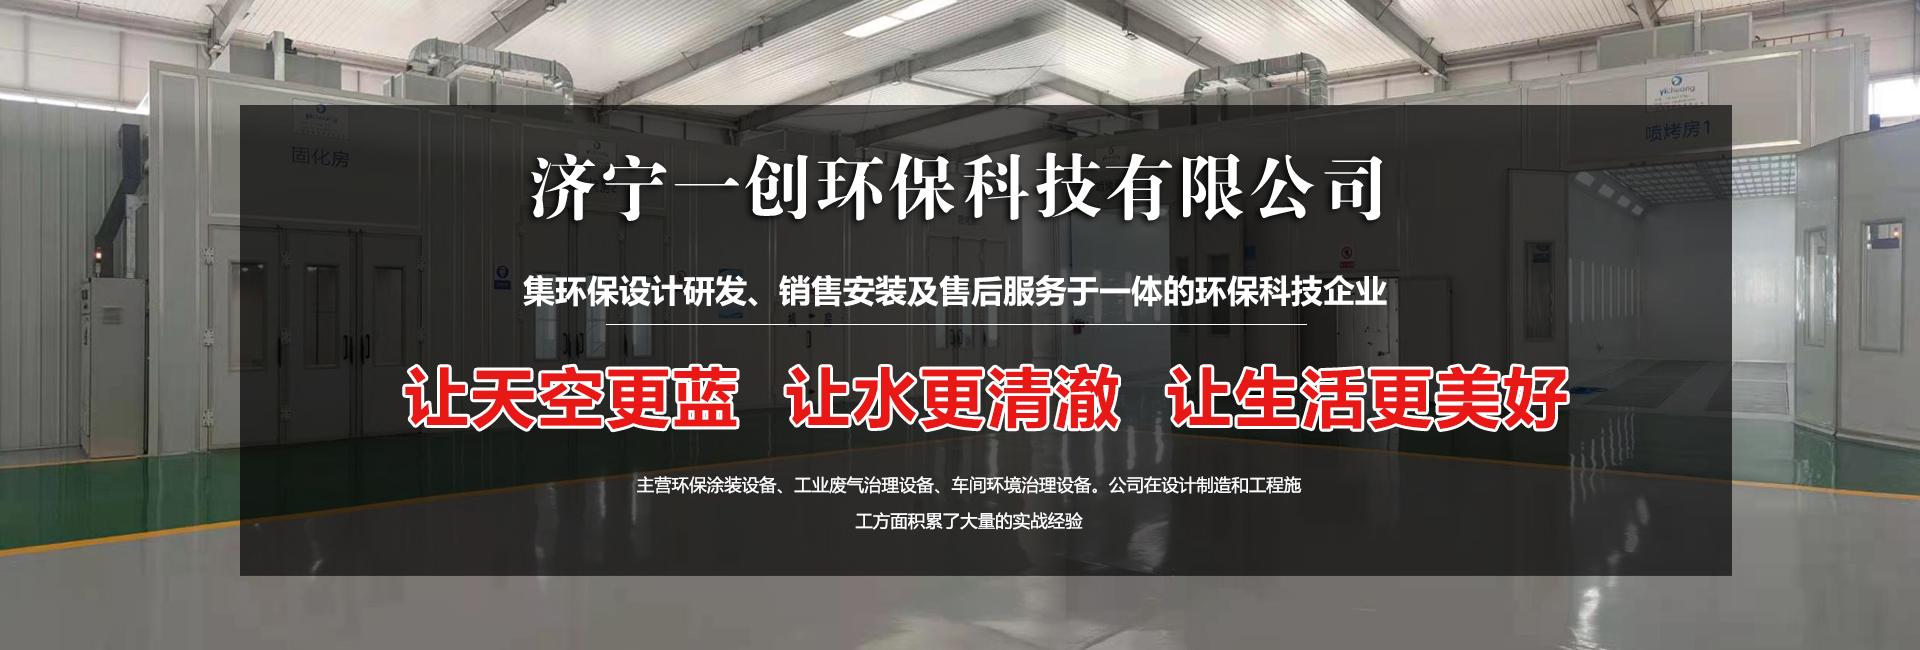 山东电qi自动控zhi柜